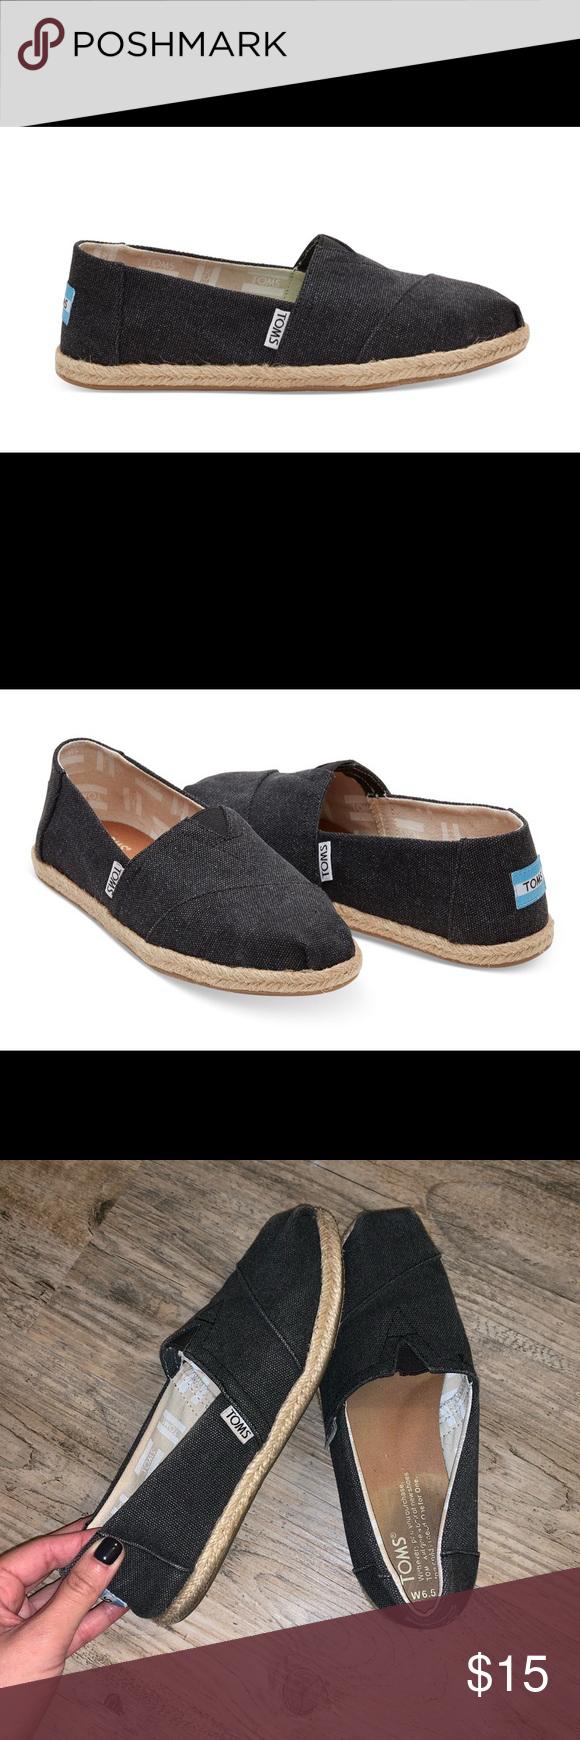 Espadrilles Toms Shoes Espadrilles